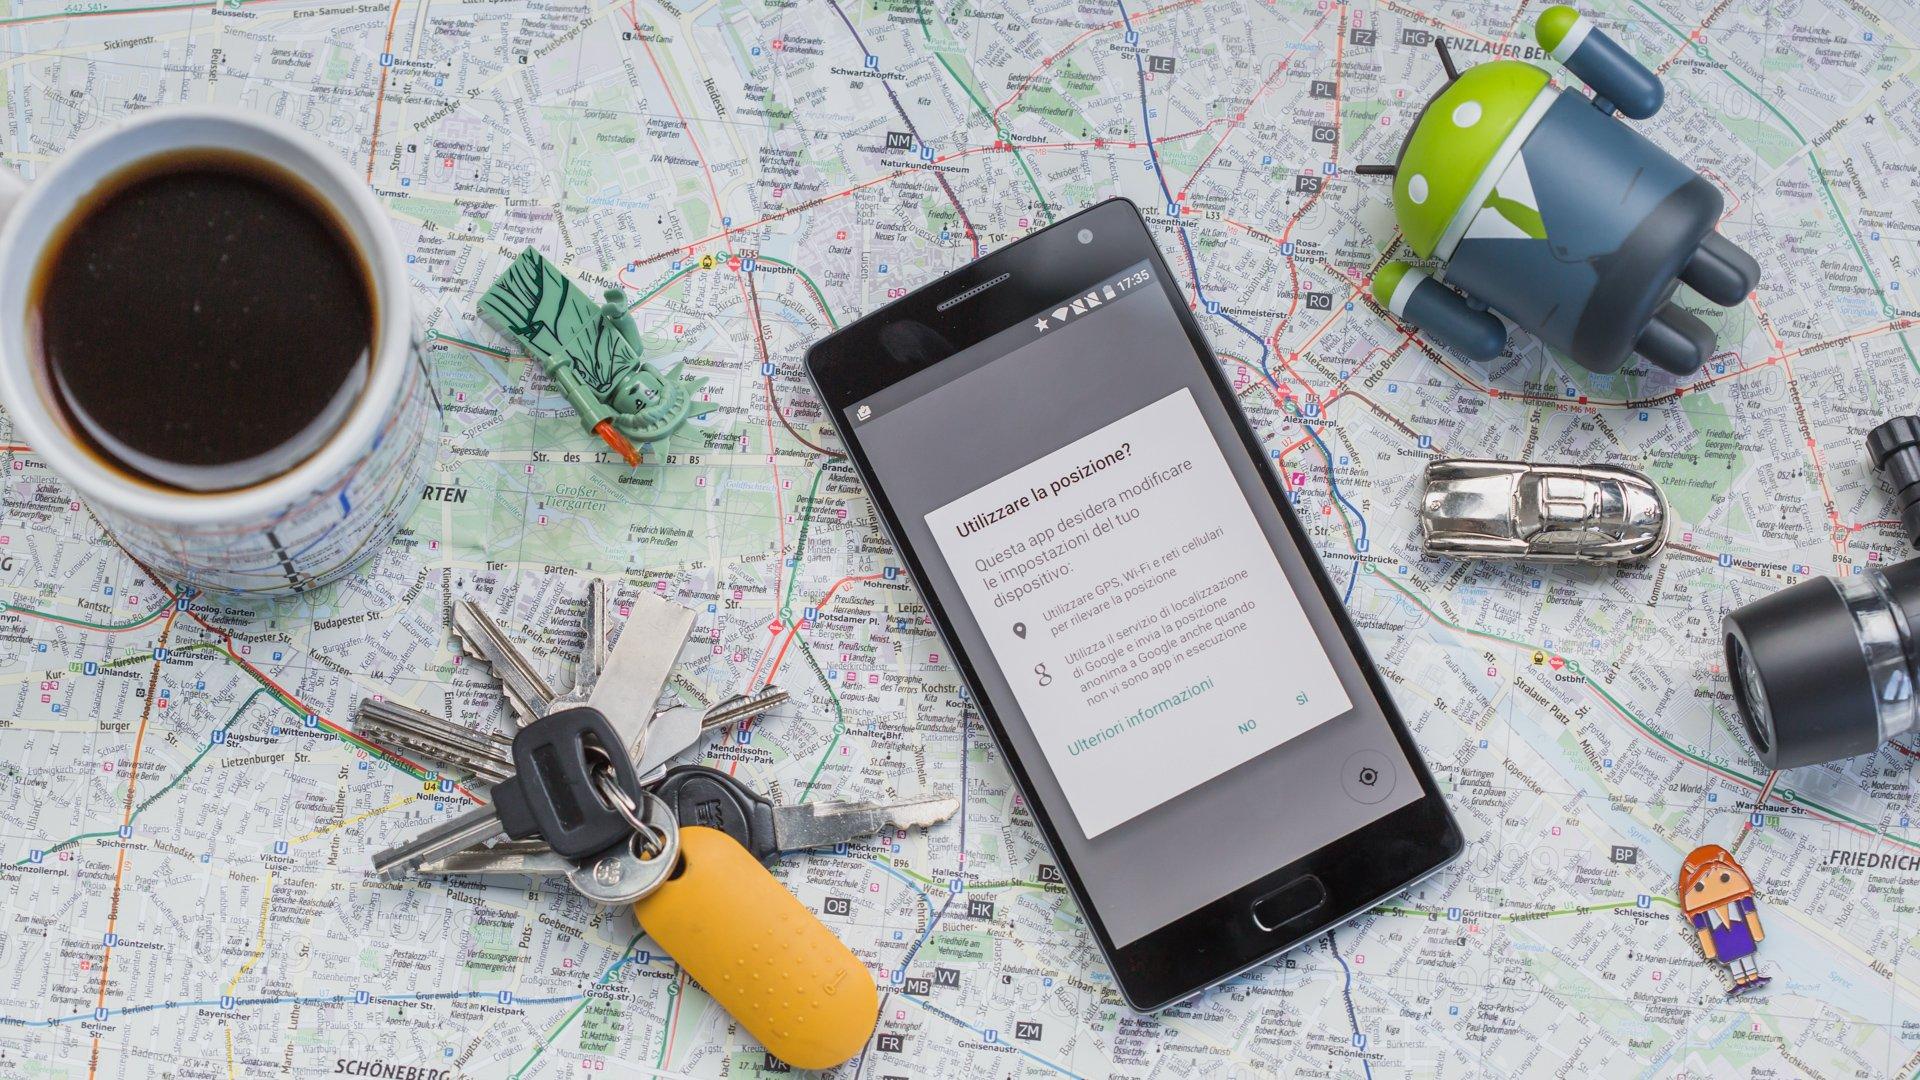 comment trouver votre smartphone android perdu avec localiser mon appareil. Black Bedroom Furniture Sets. Home Design Ideas